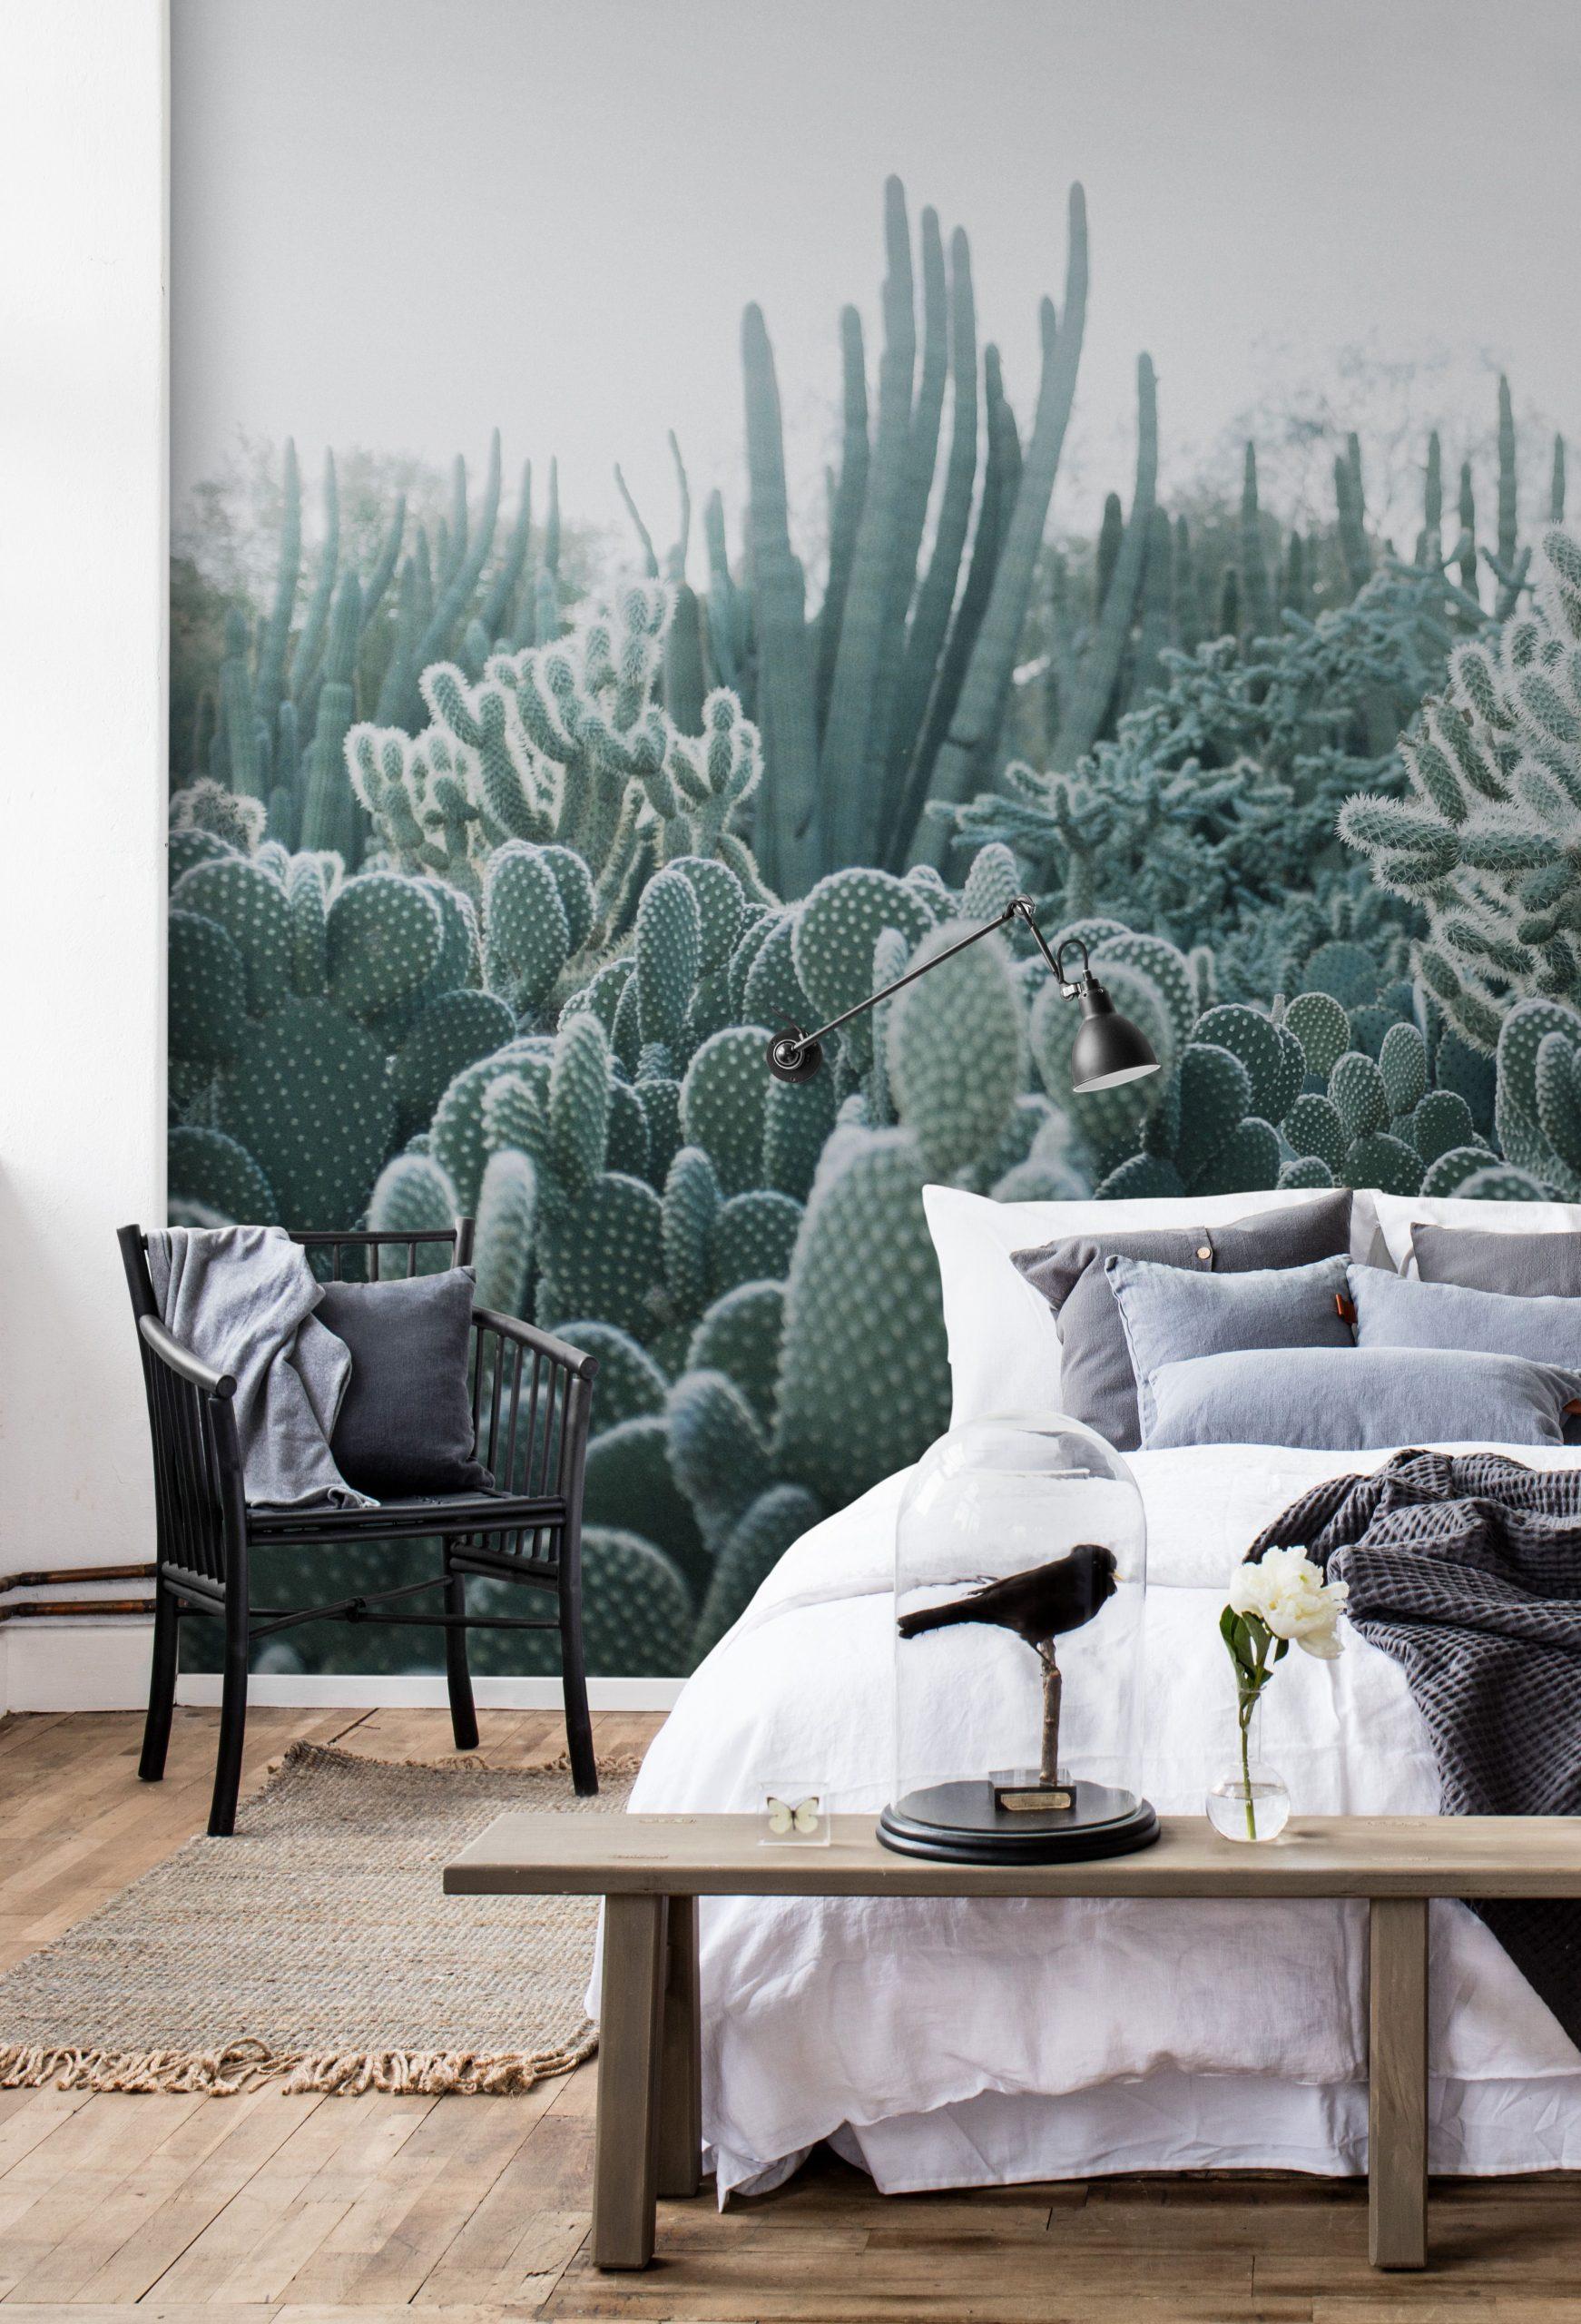 Full Size of Cacti In 2020 Schlafzimmer Tapete Led Deckenleuchte Schränke Deckenlampe Komplette Landhausstil Weiß Nolte Komplett Guenstig Wiemann Vorhänge Truhe Lampen Wohnzimmer Schlafzimmer Tapeten Ideen